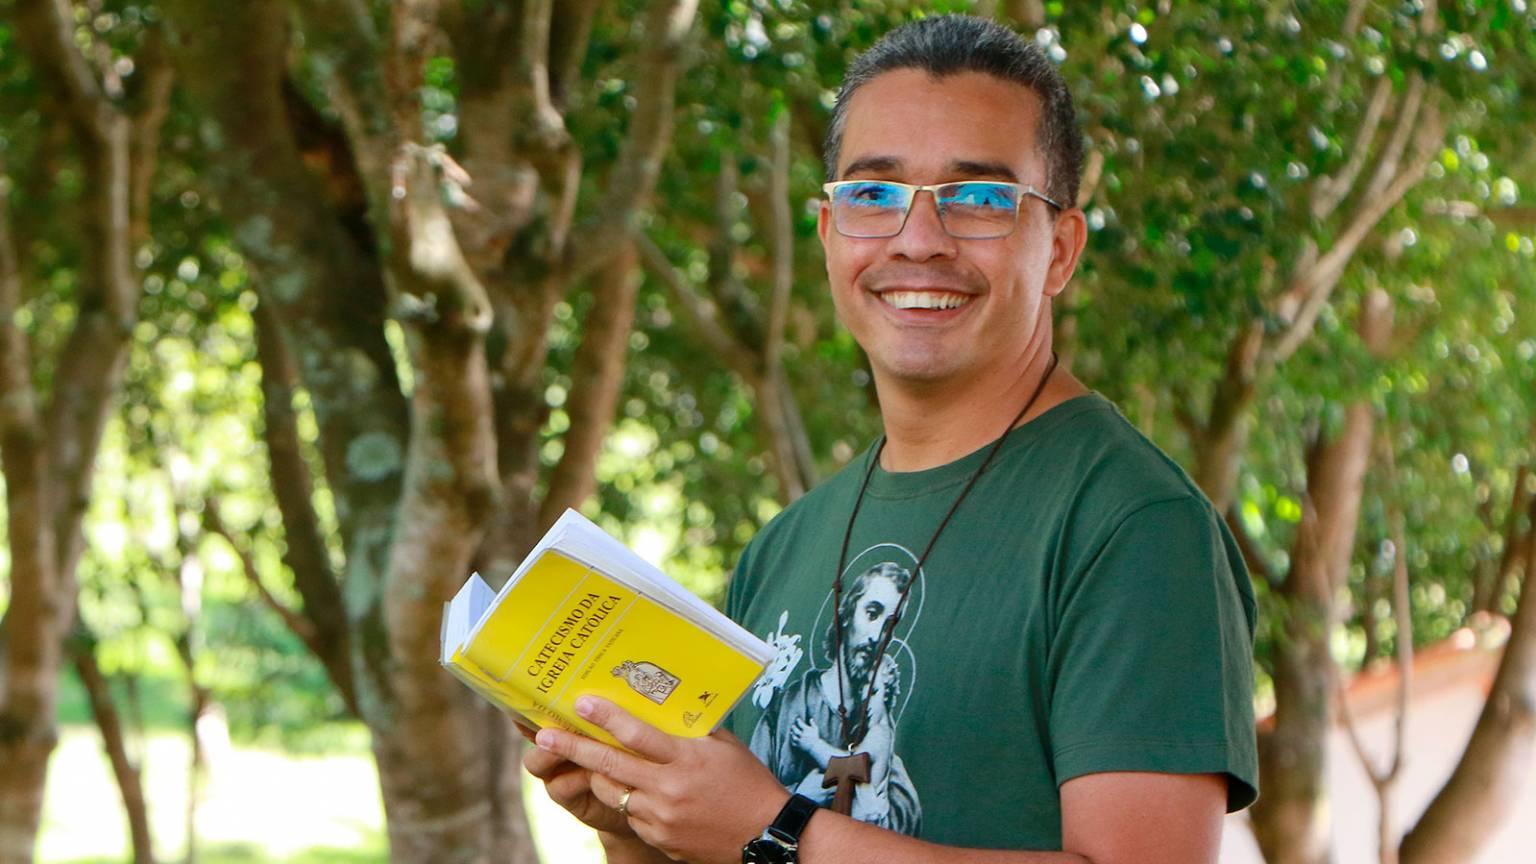 formacao_-tempo-de-se-viver-a-comunhao-da-caridade_alexandre-oliveira-1536x864.jpg